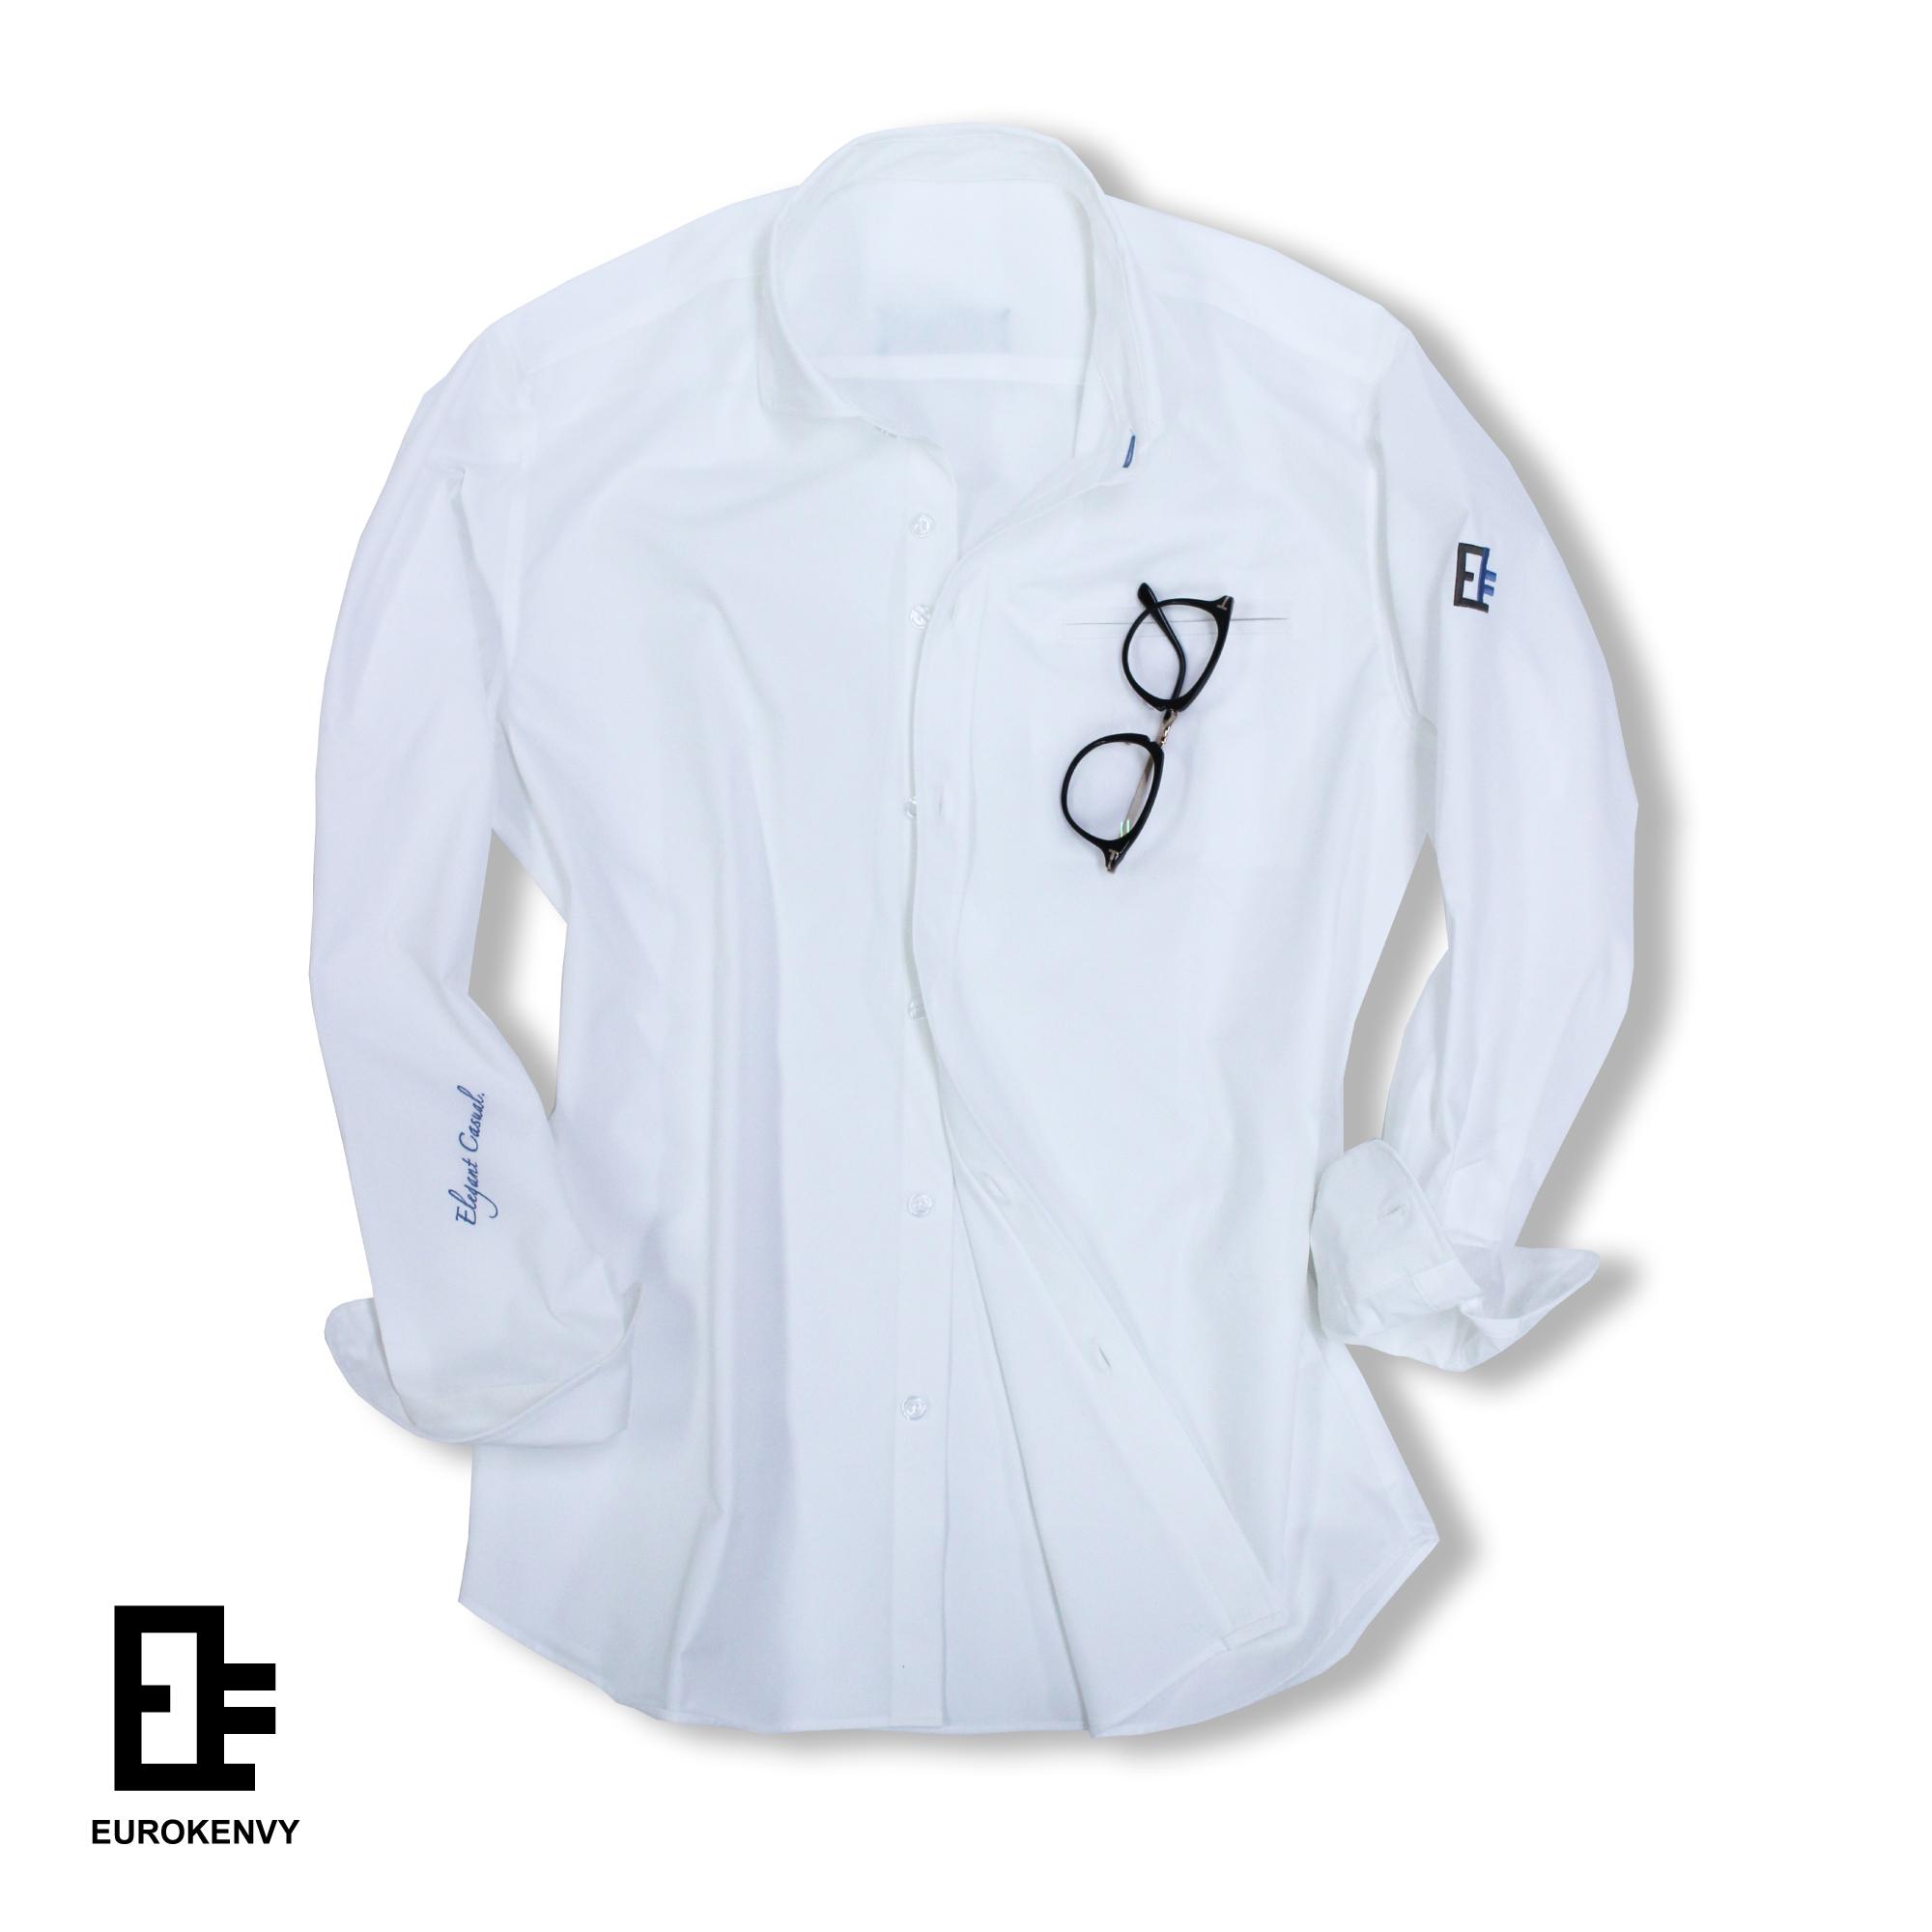 Premium Italian white shirt